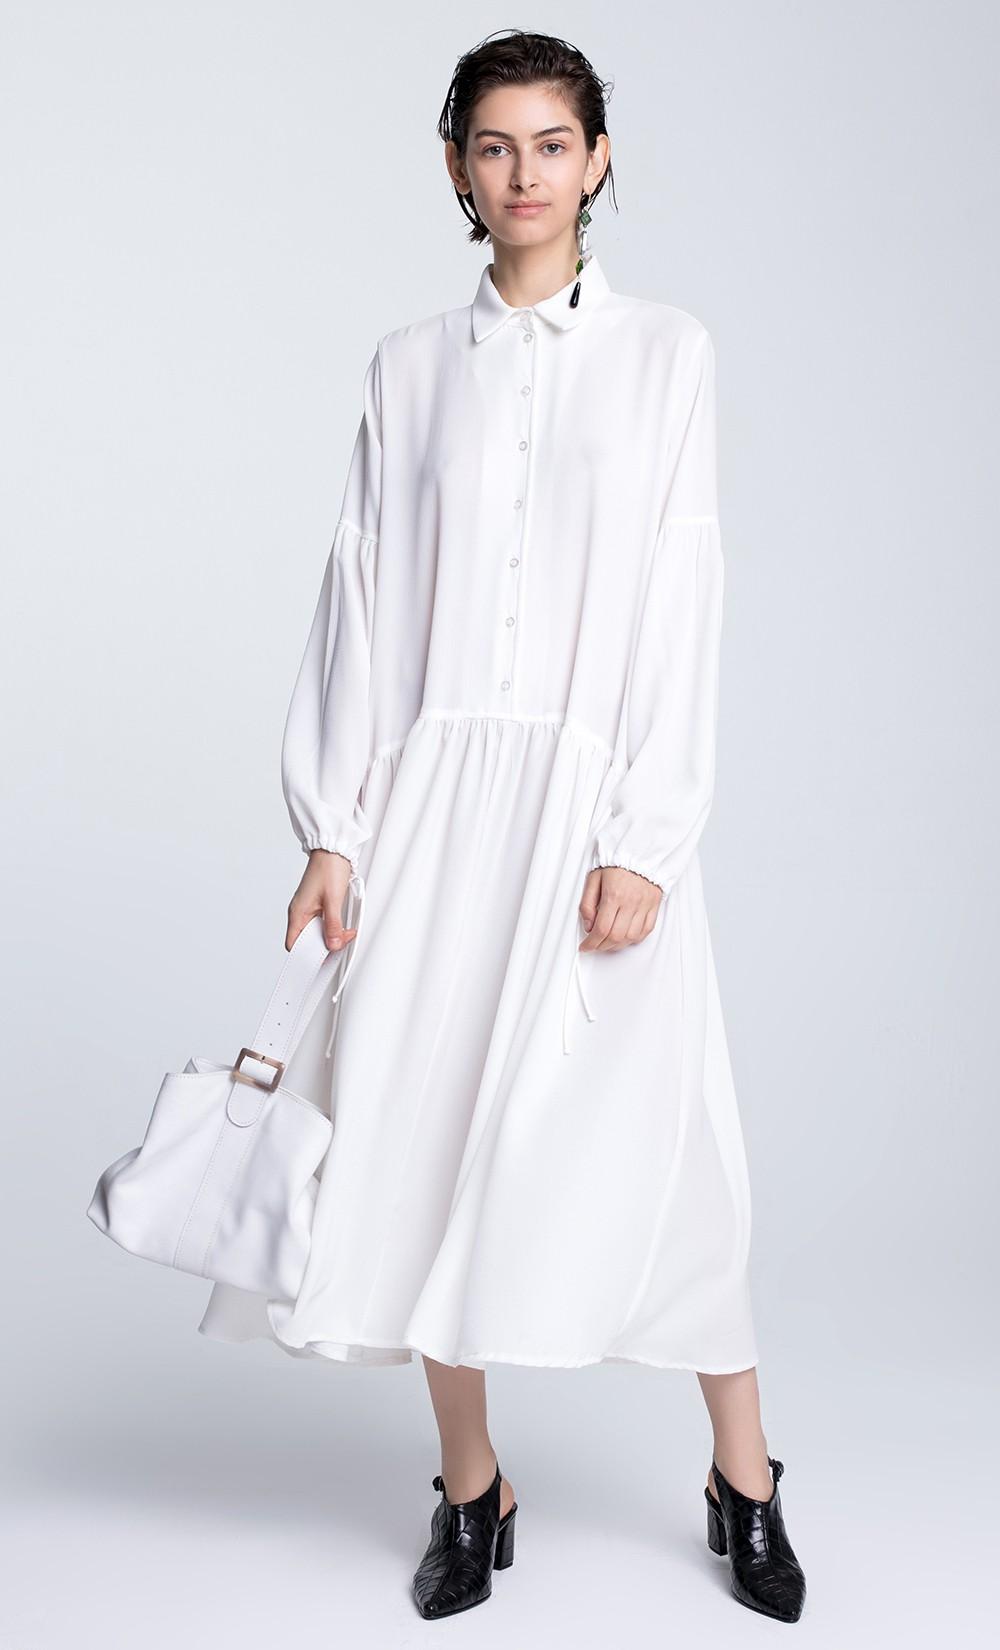 Zephyr Dress